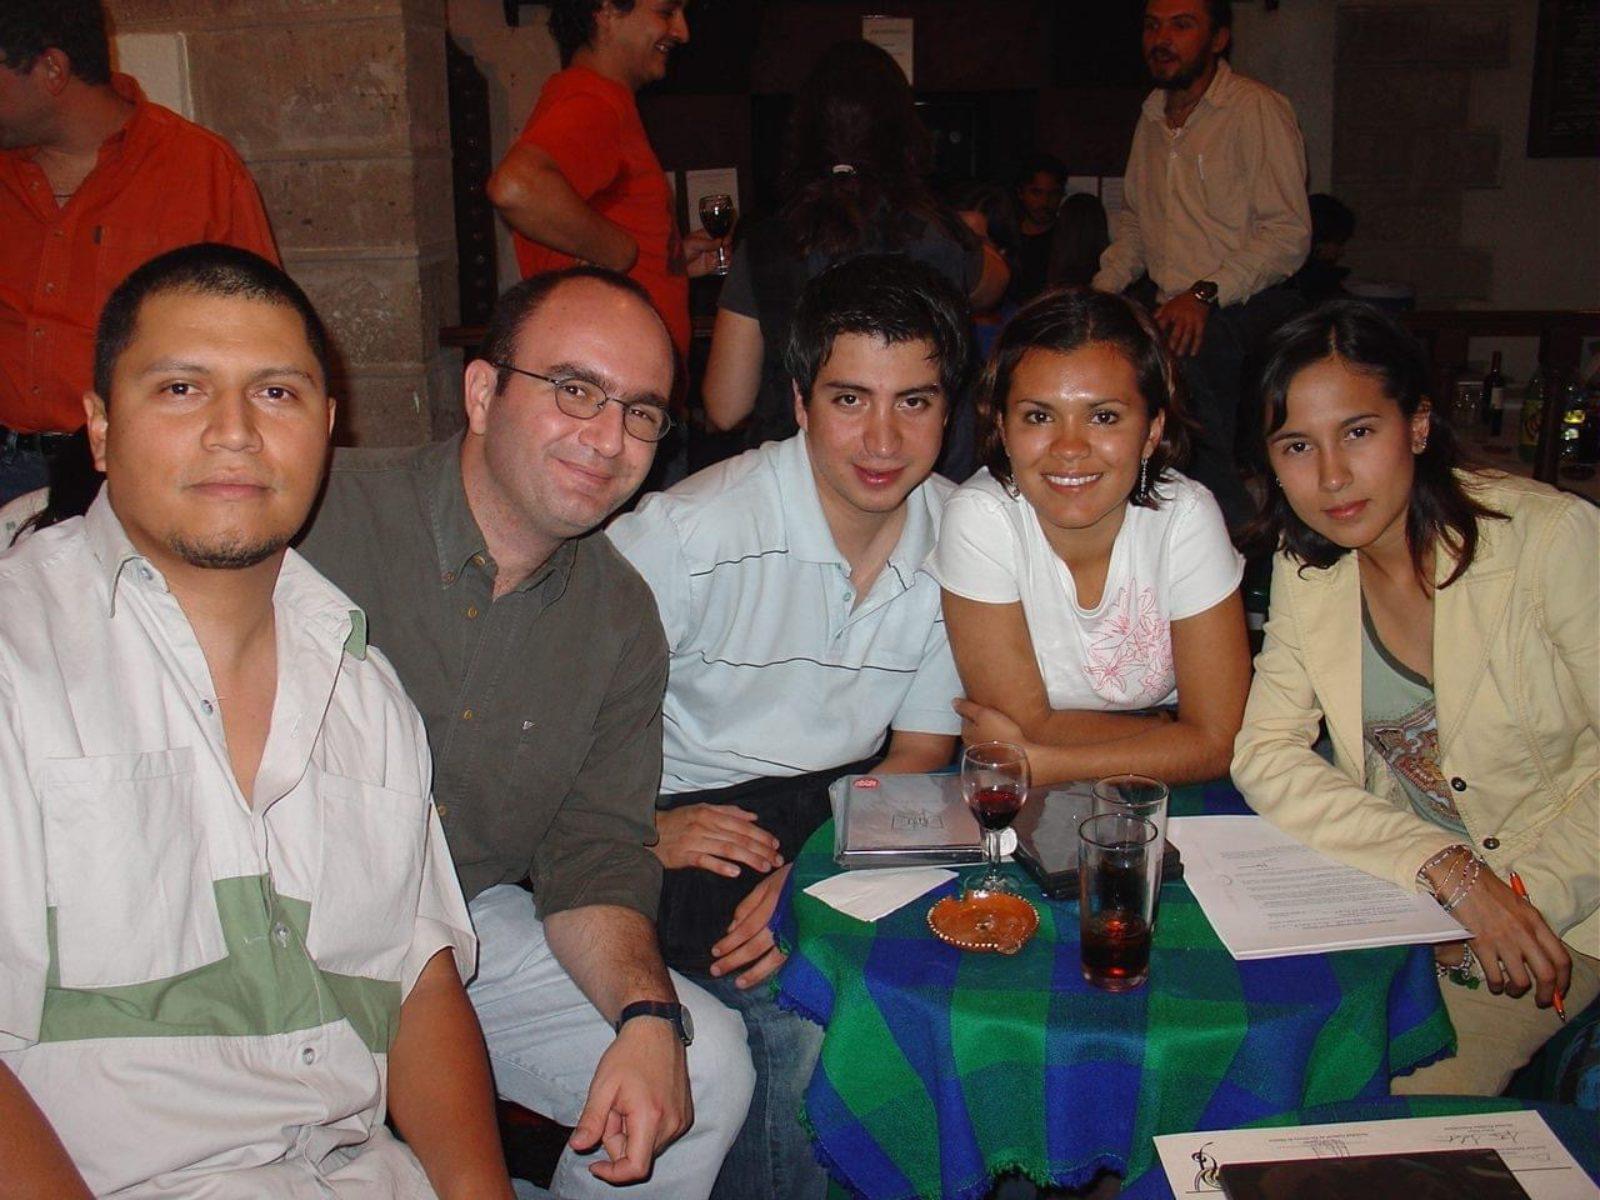 Érase una vez, unos chicos queriendo producir películas. 1er Morelia Lab, 2005 PRODUCTORES MORELIA LAB